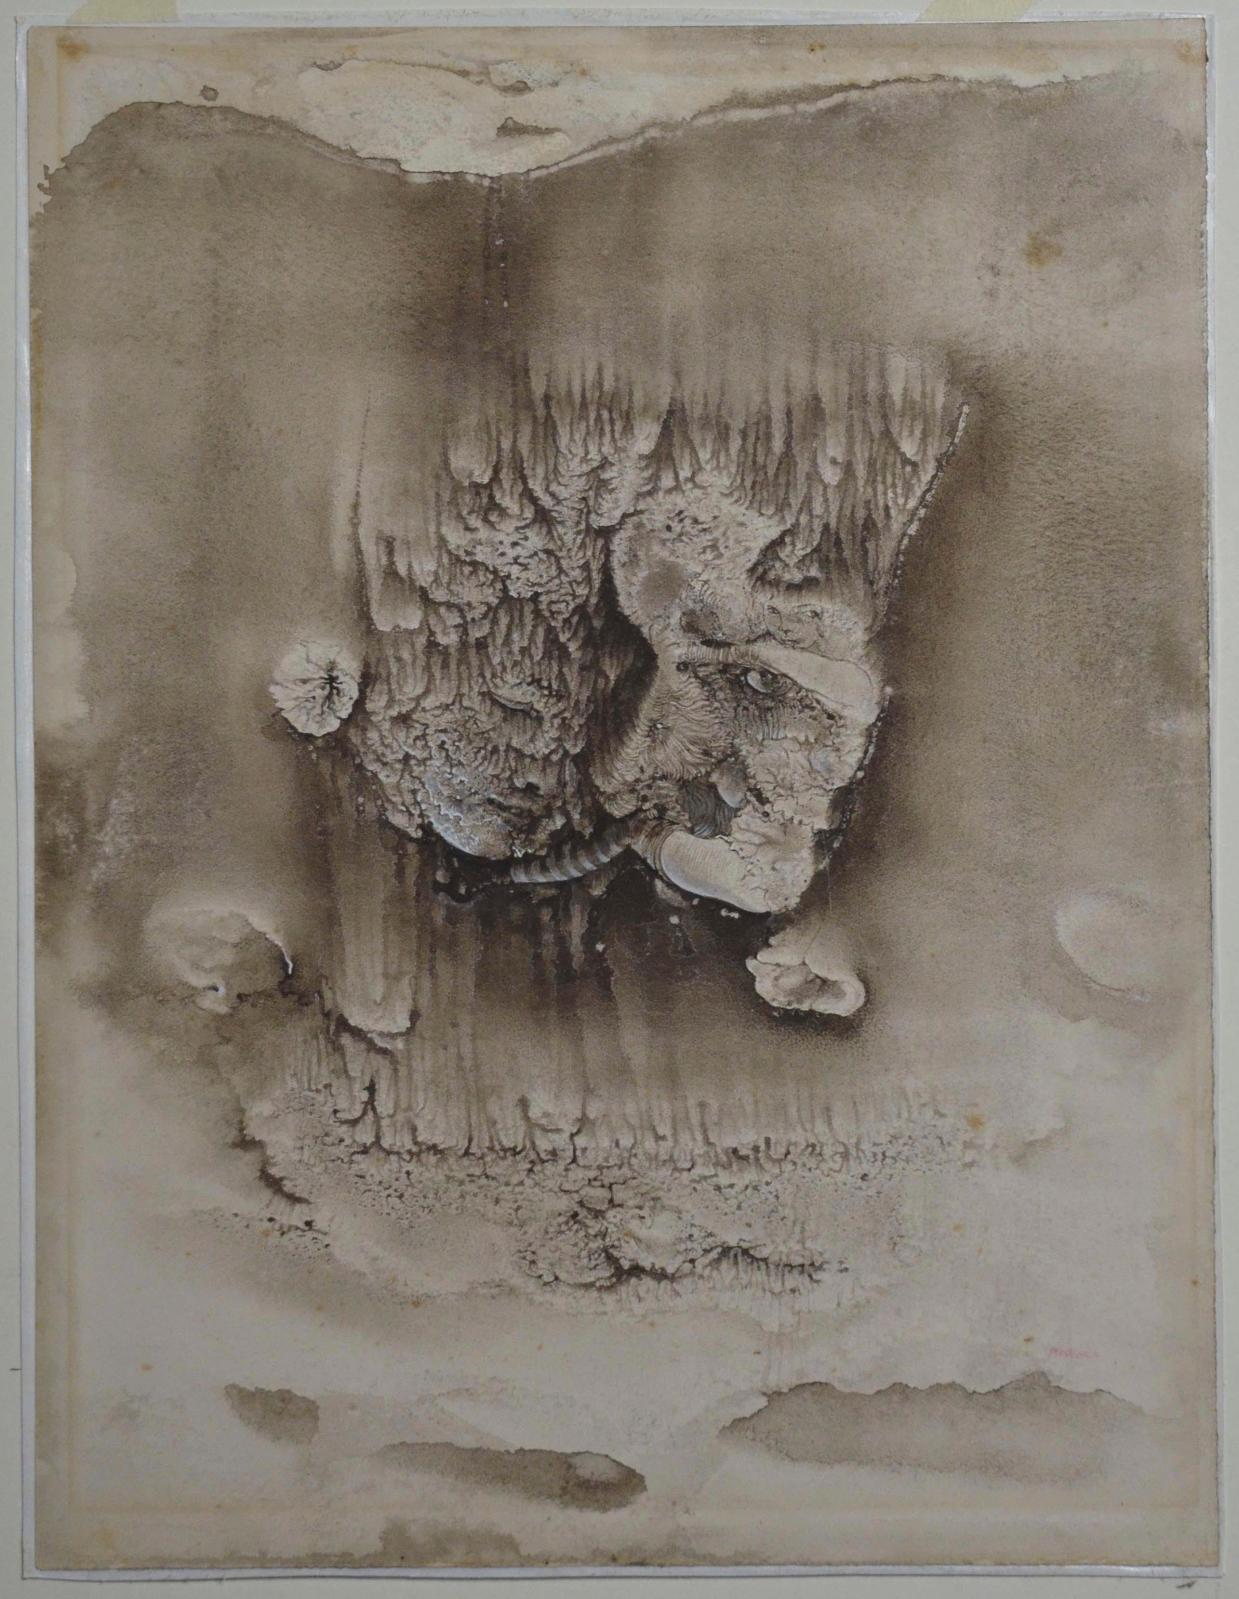 Hans Bellmer, Les Mariés, 1941,gouache sur papier, 32,5x24,9cm (détail).DR